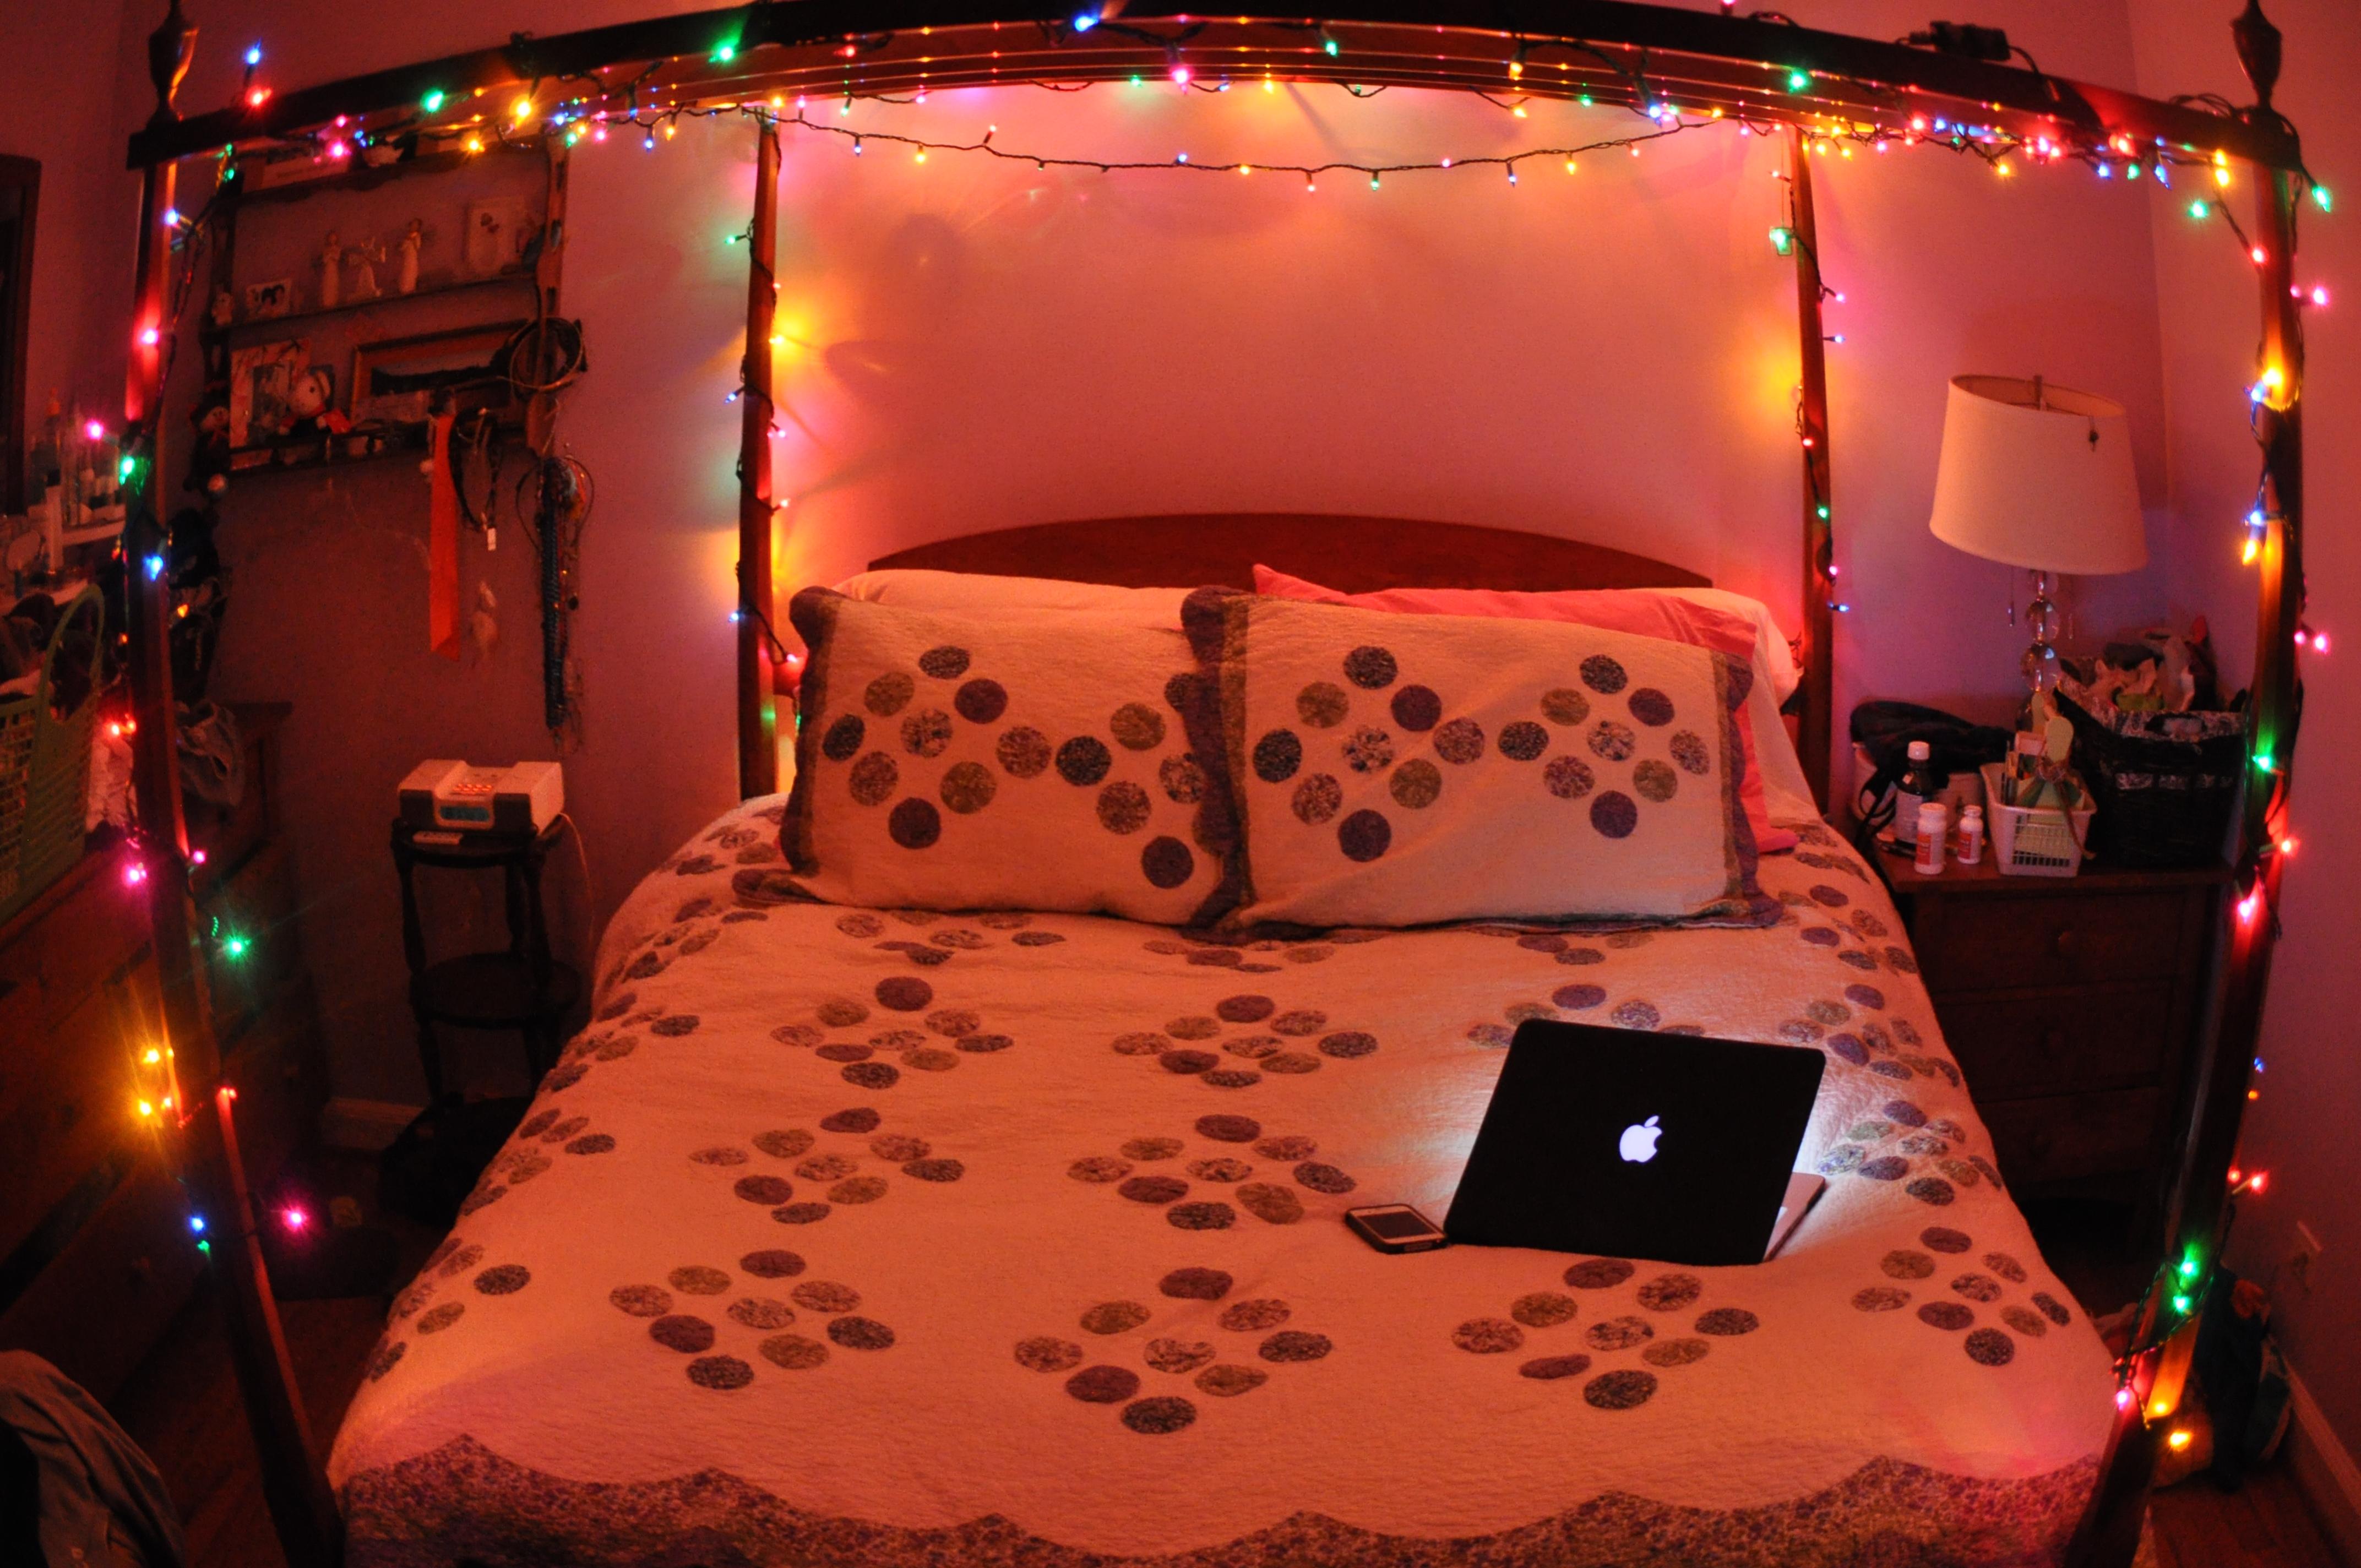 Sfondi Natalizi Mac.Sfondi Notte Camera Letto I Phone Luci Di Natale Interior